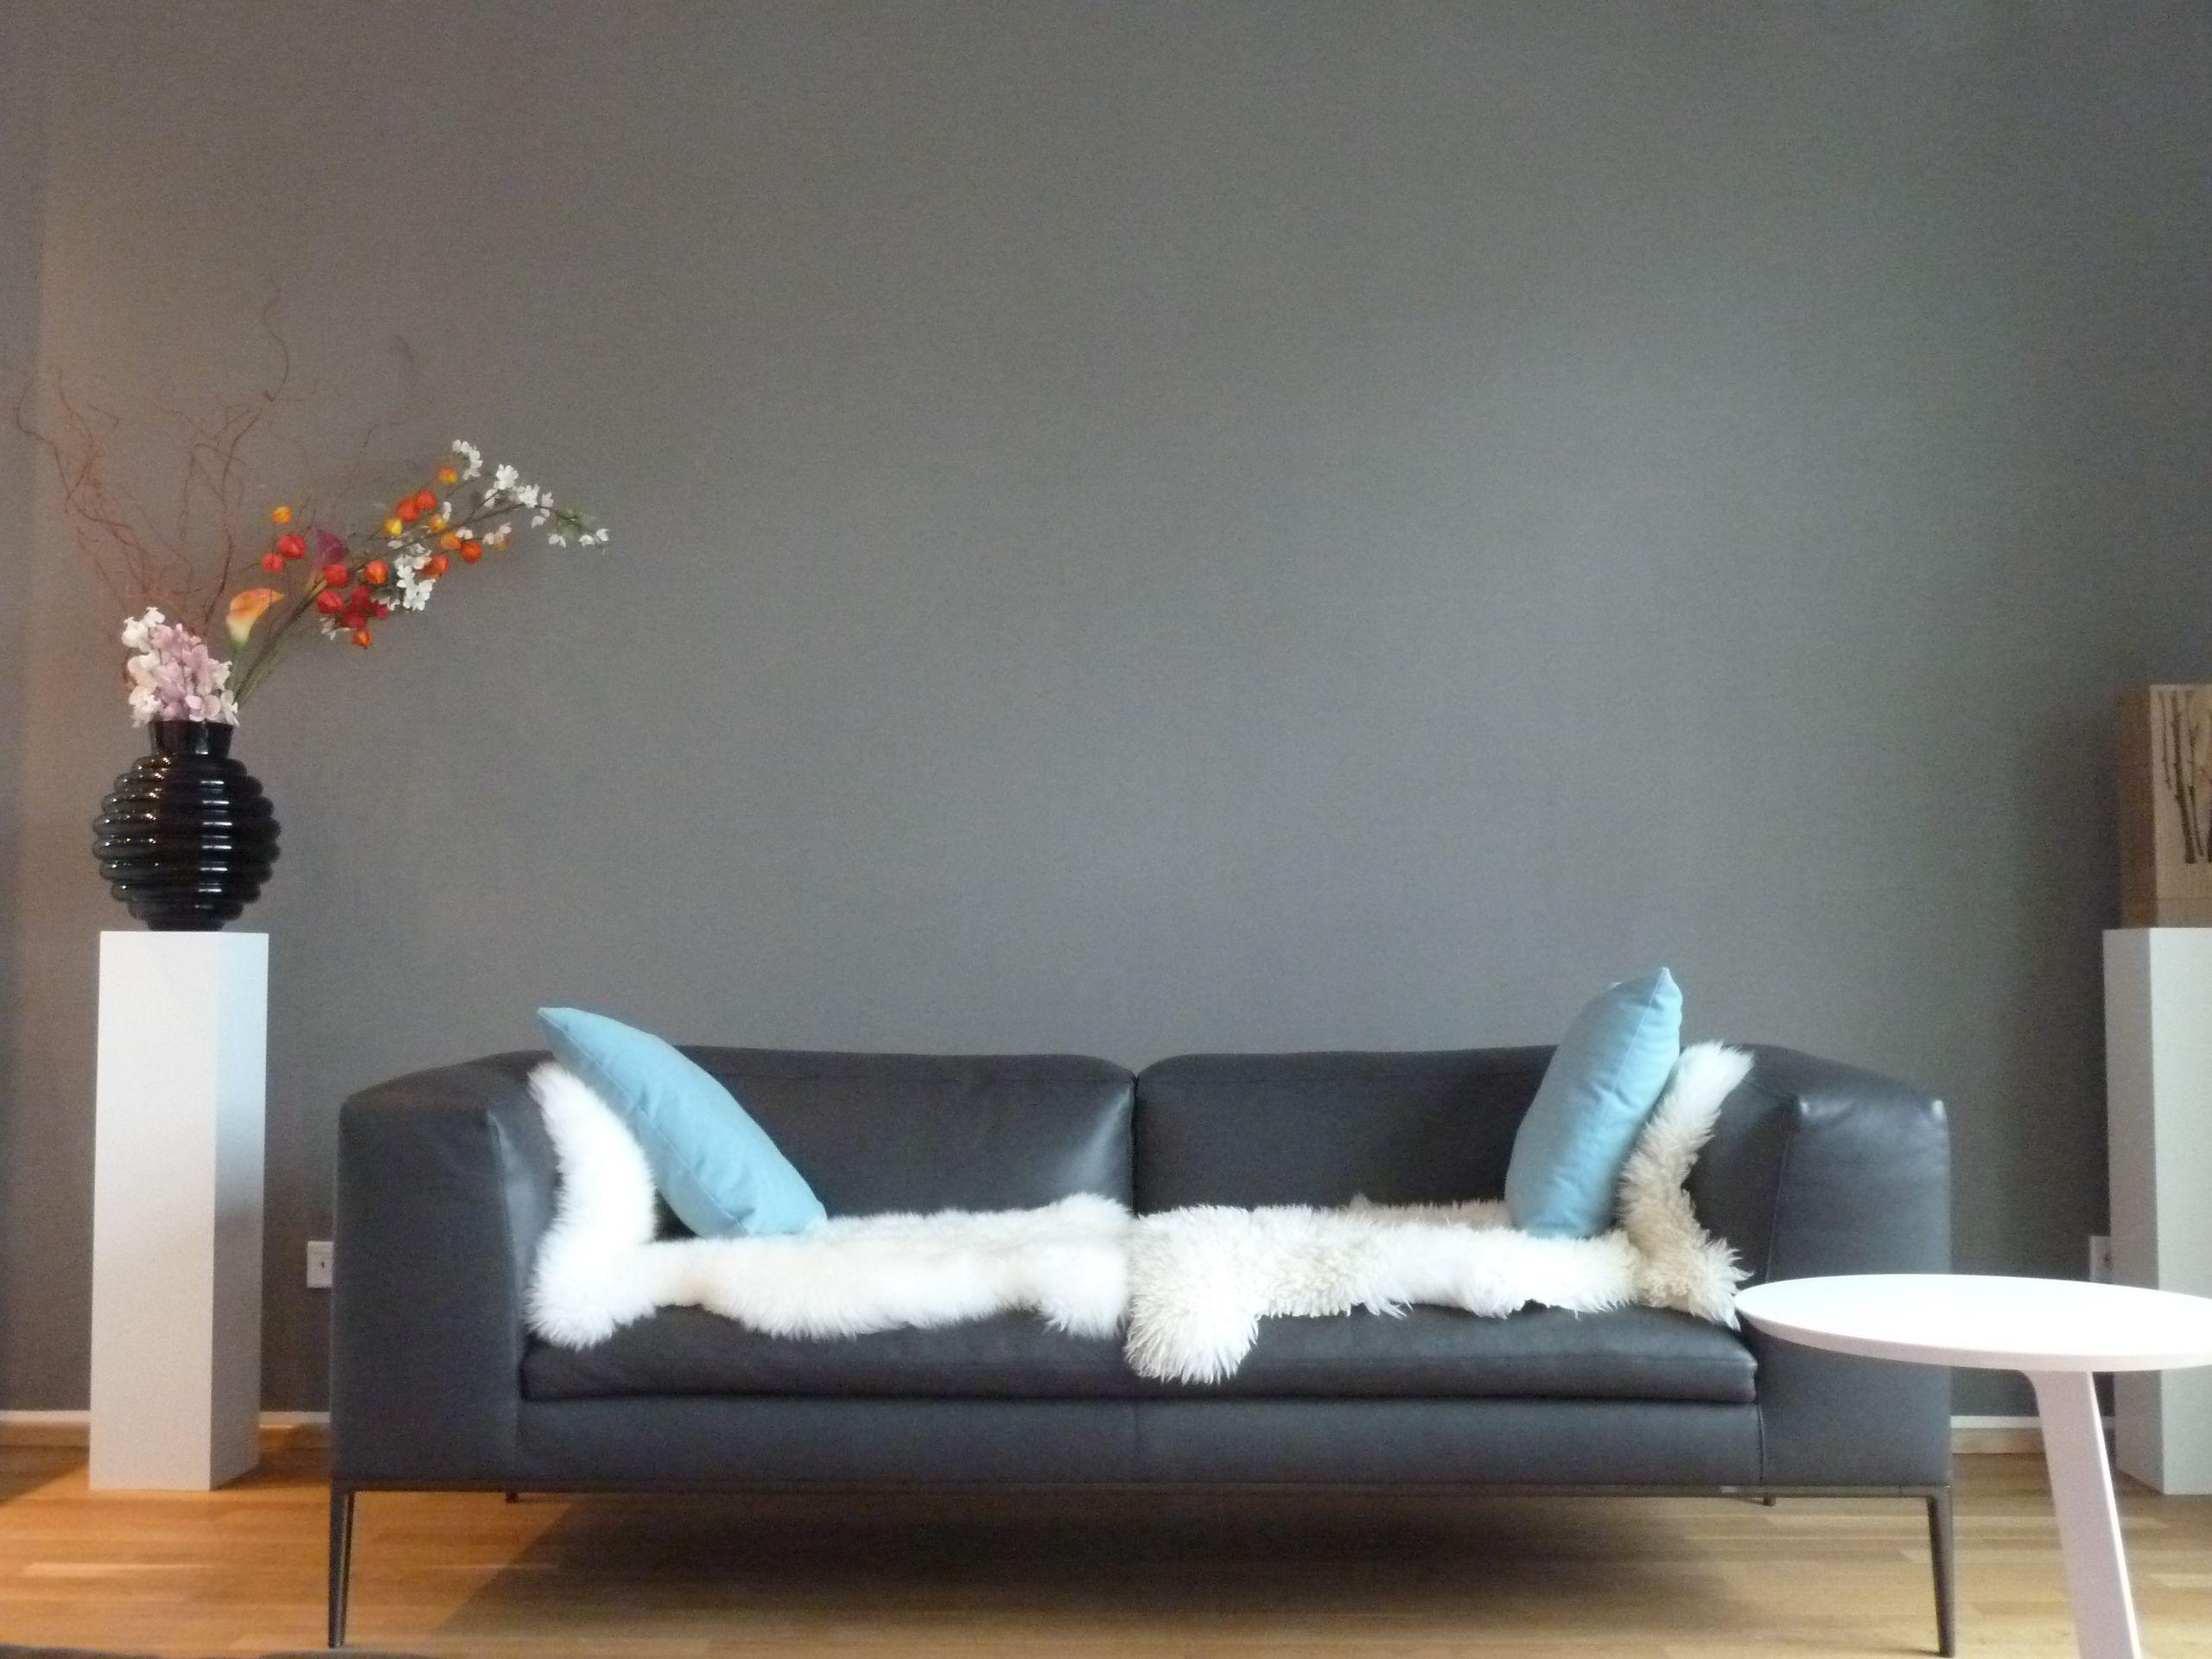 Ich Hab Die Wand Grau Gestrichen.. | Schöner Wohnen, Wohnen Und ... Schoner Wohnen Wohnzimmer Grau